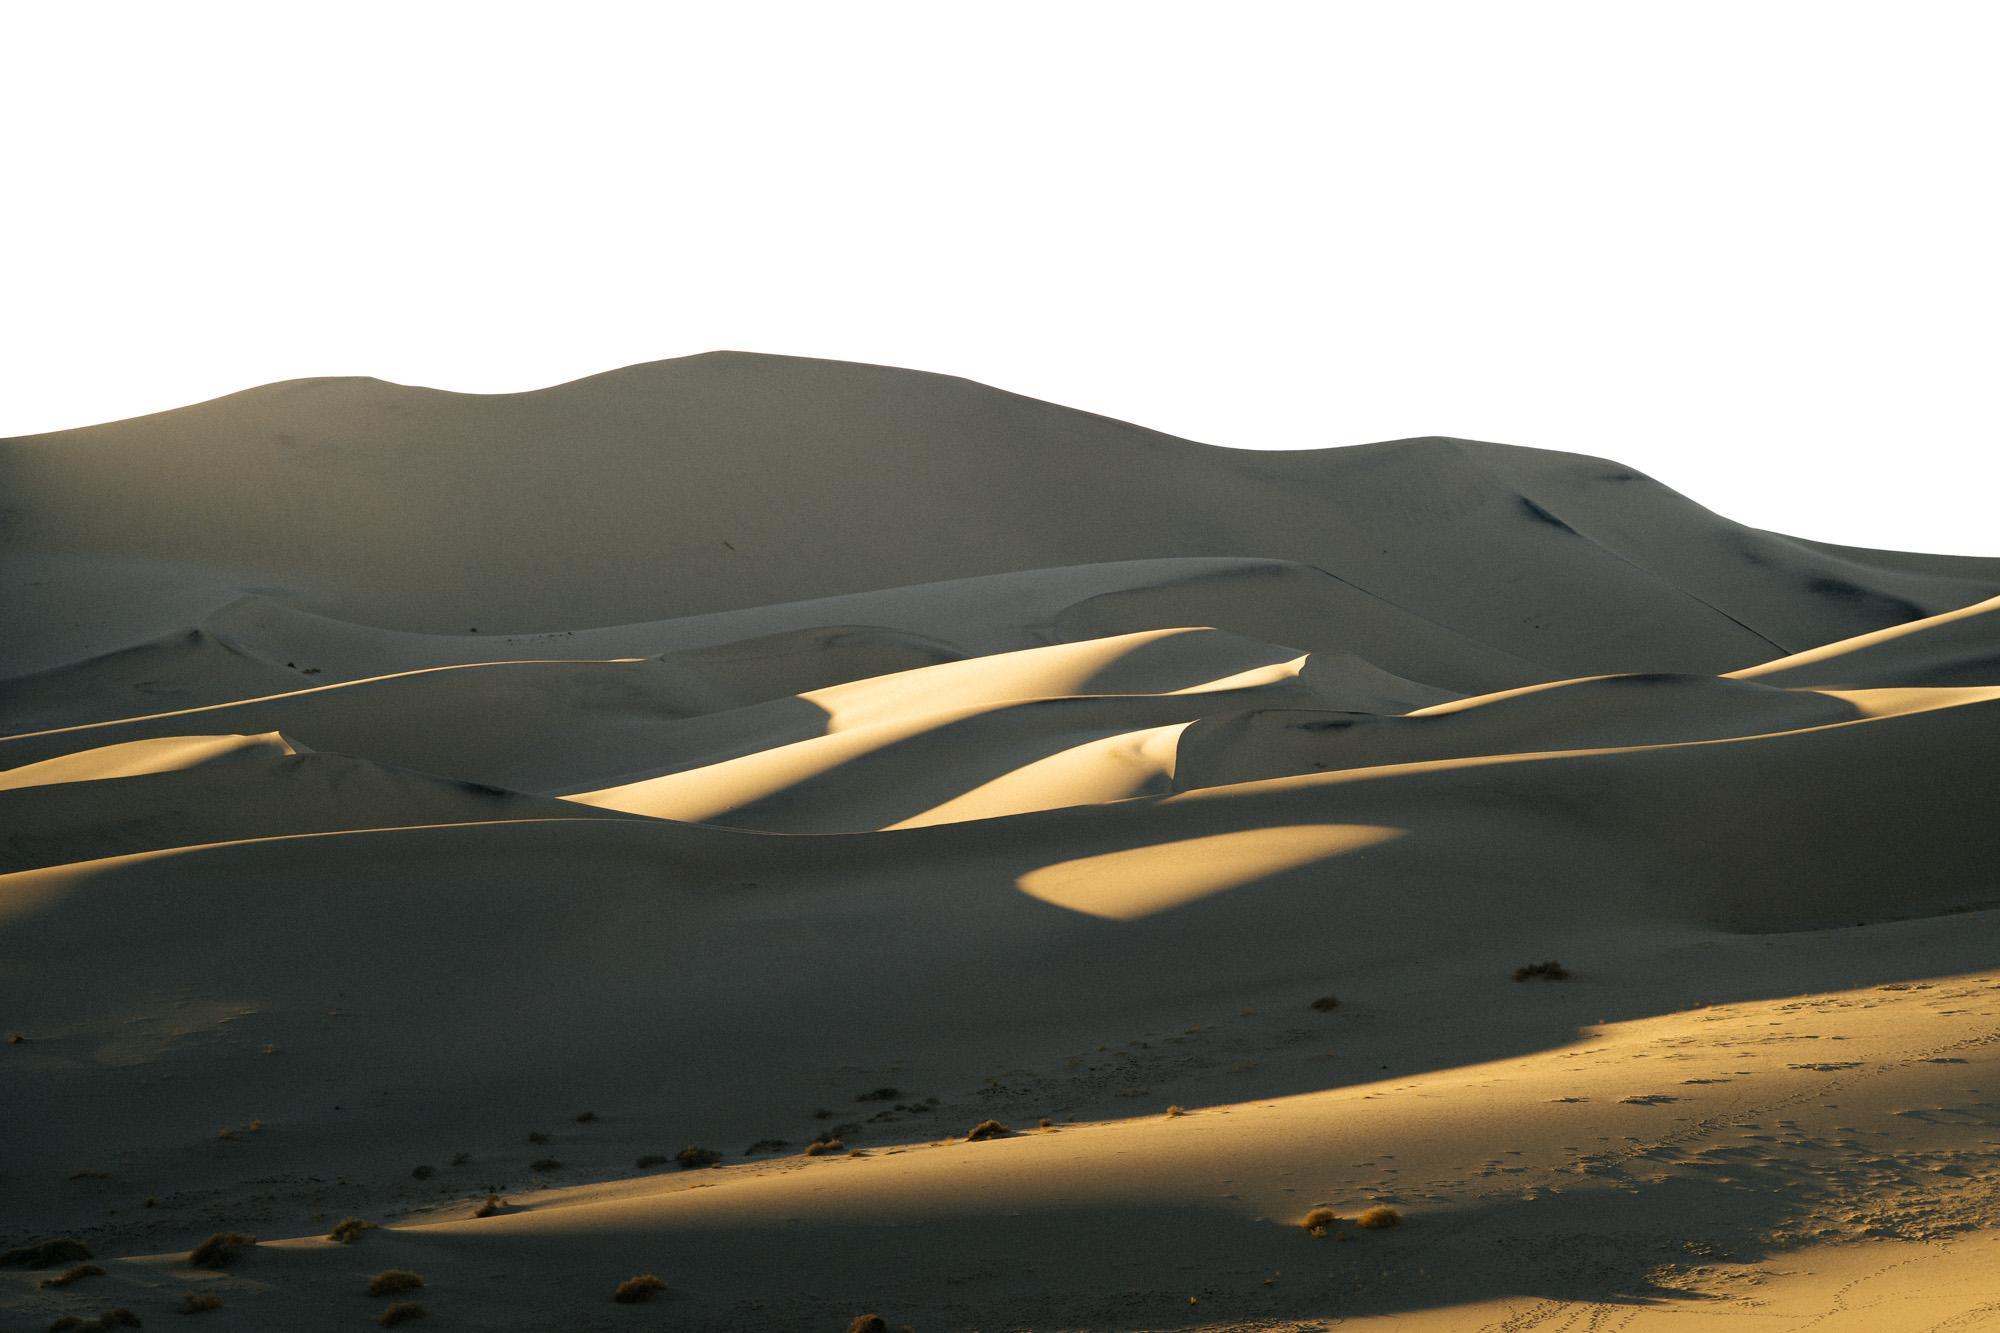 sun-kissed sand dunes